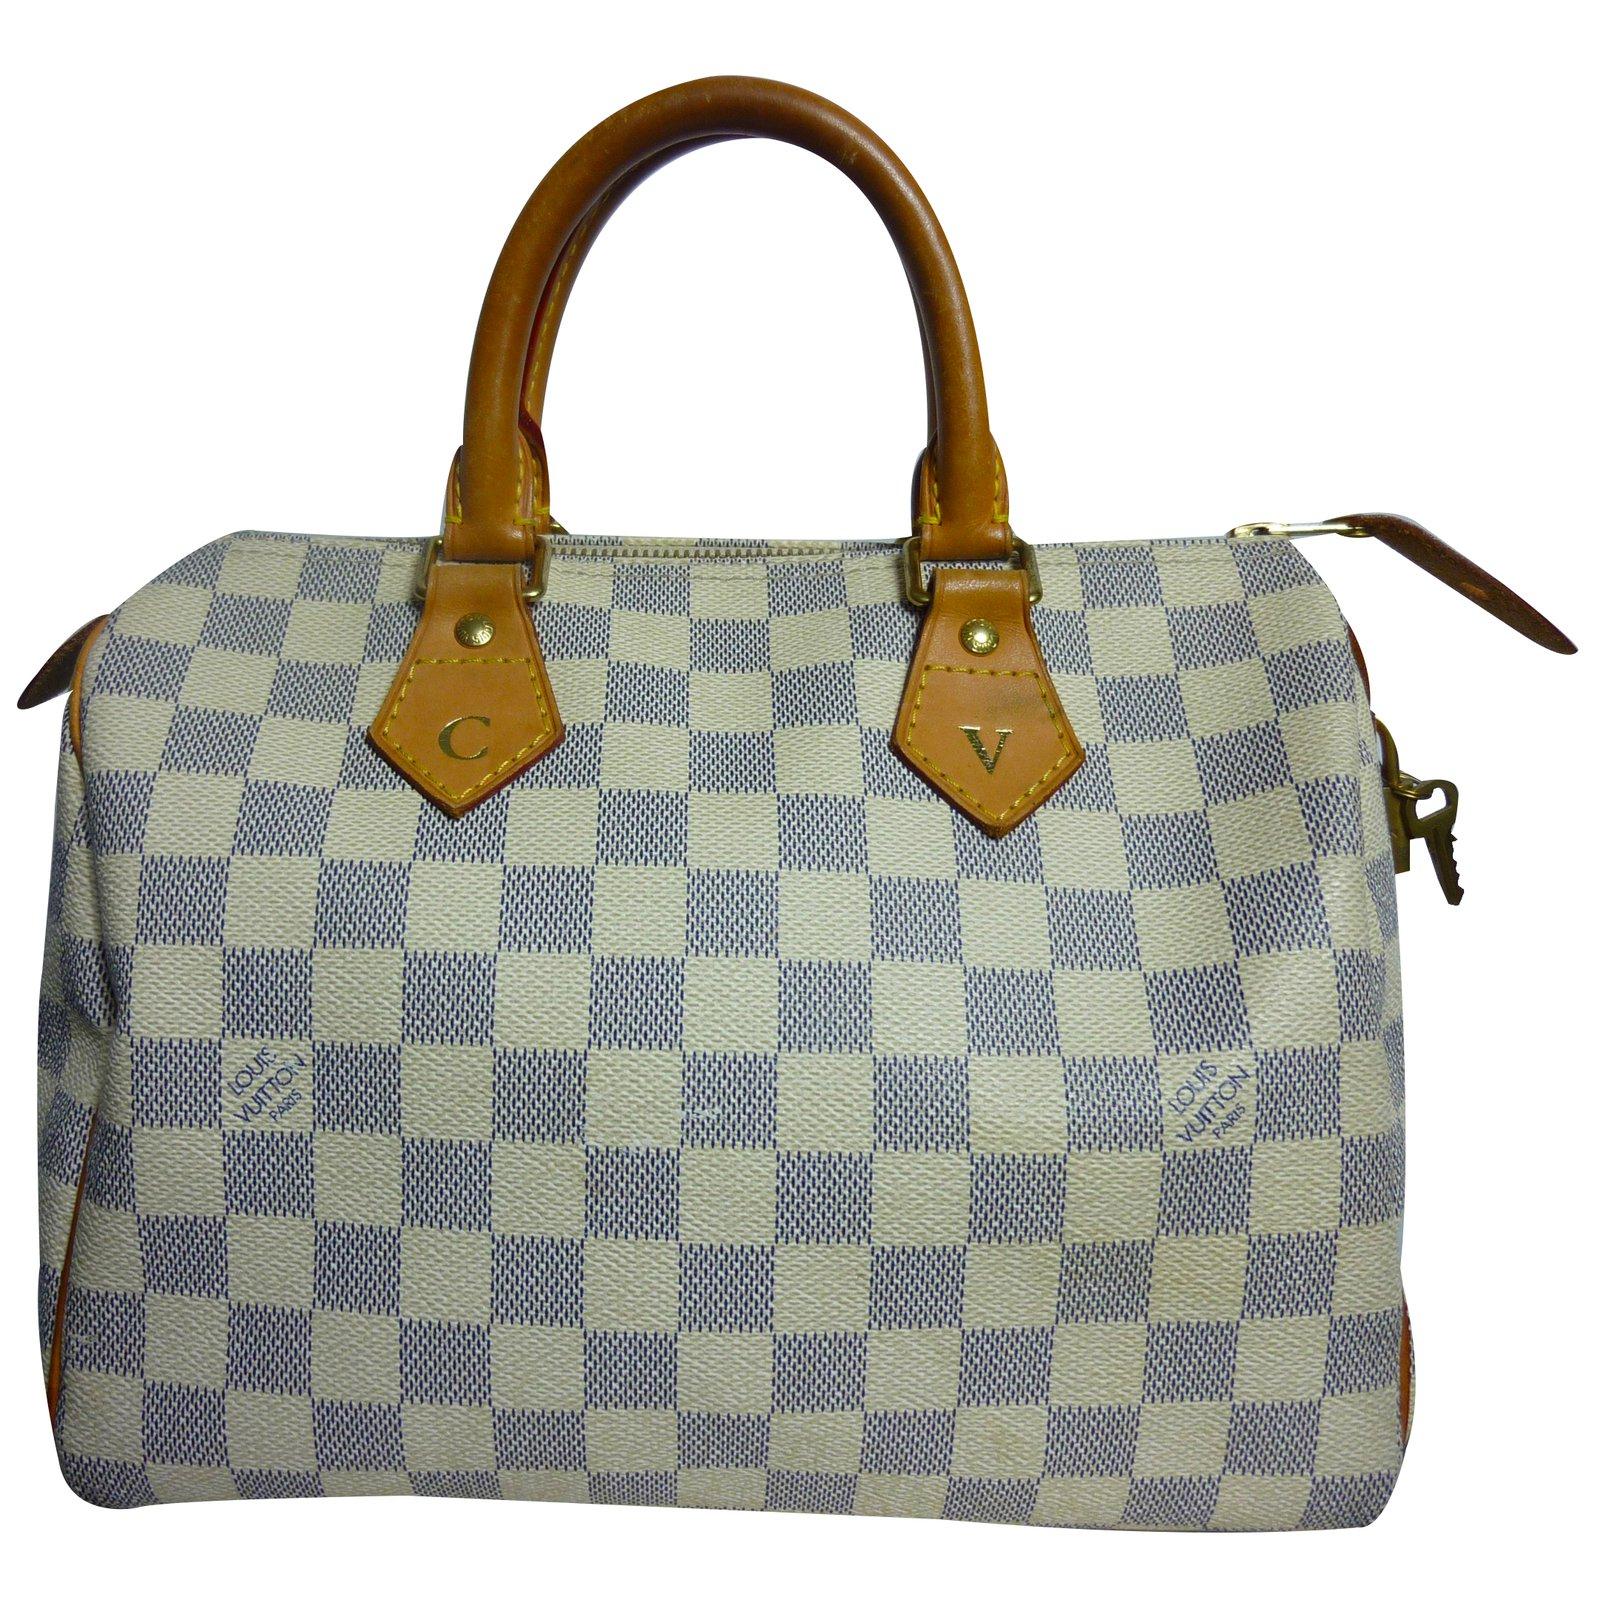 Sacs à main Louis Vuitton Sac Louis Vuitton Speedy 30 à damier azur en  excellent état 48c0bc7a118